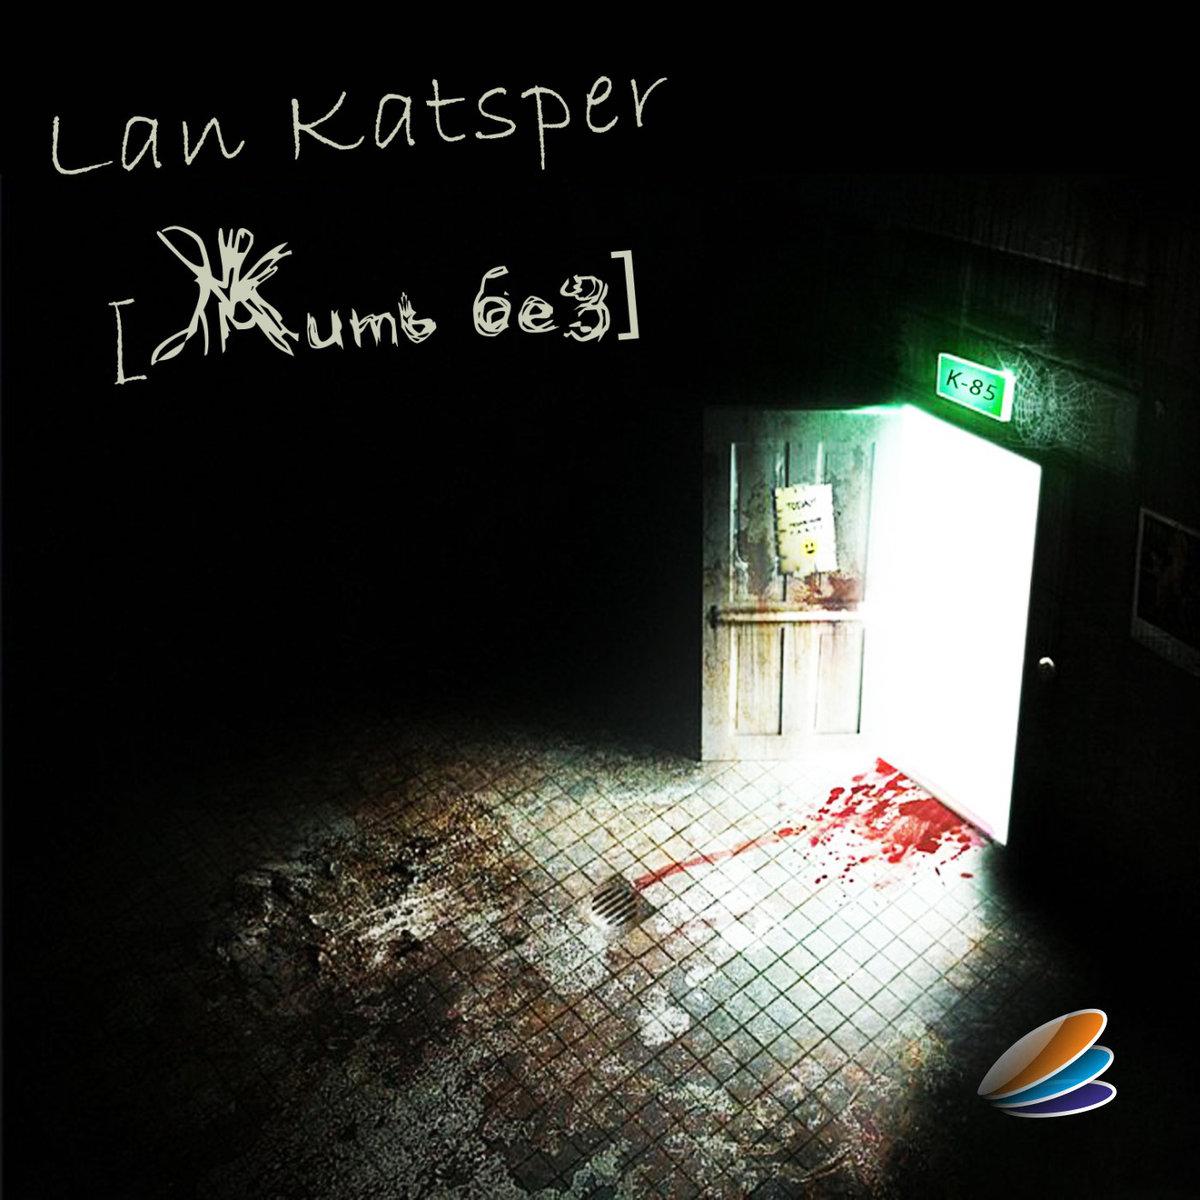 Lan Katsper - Live Without